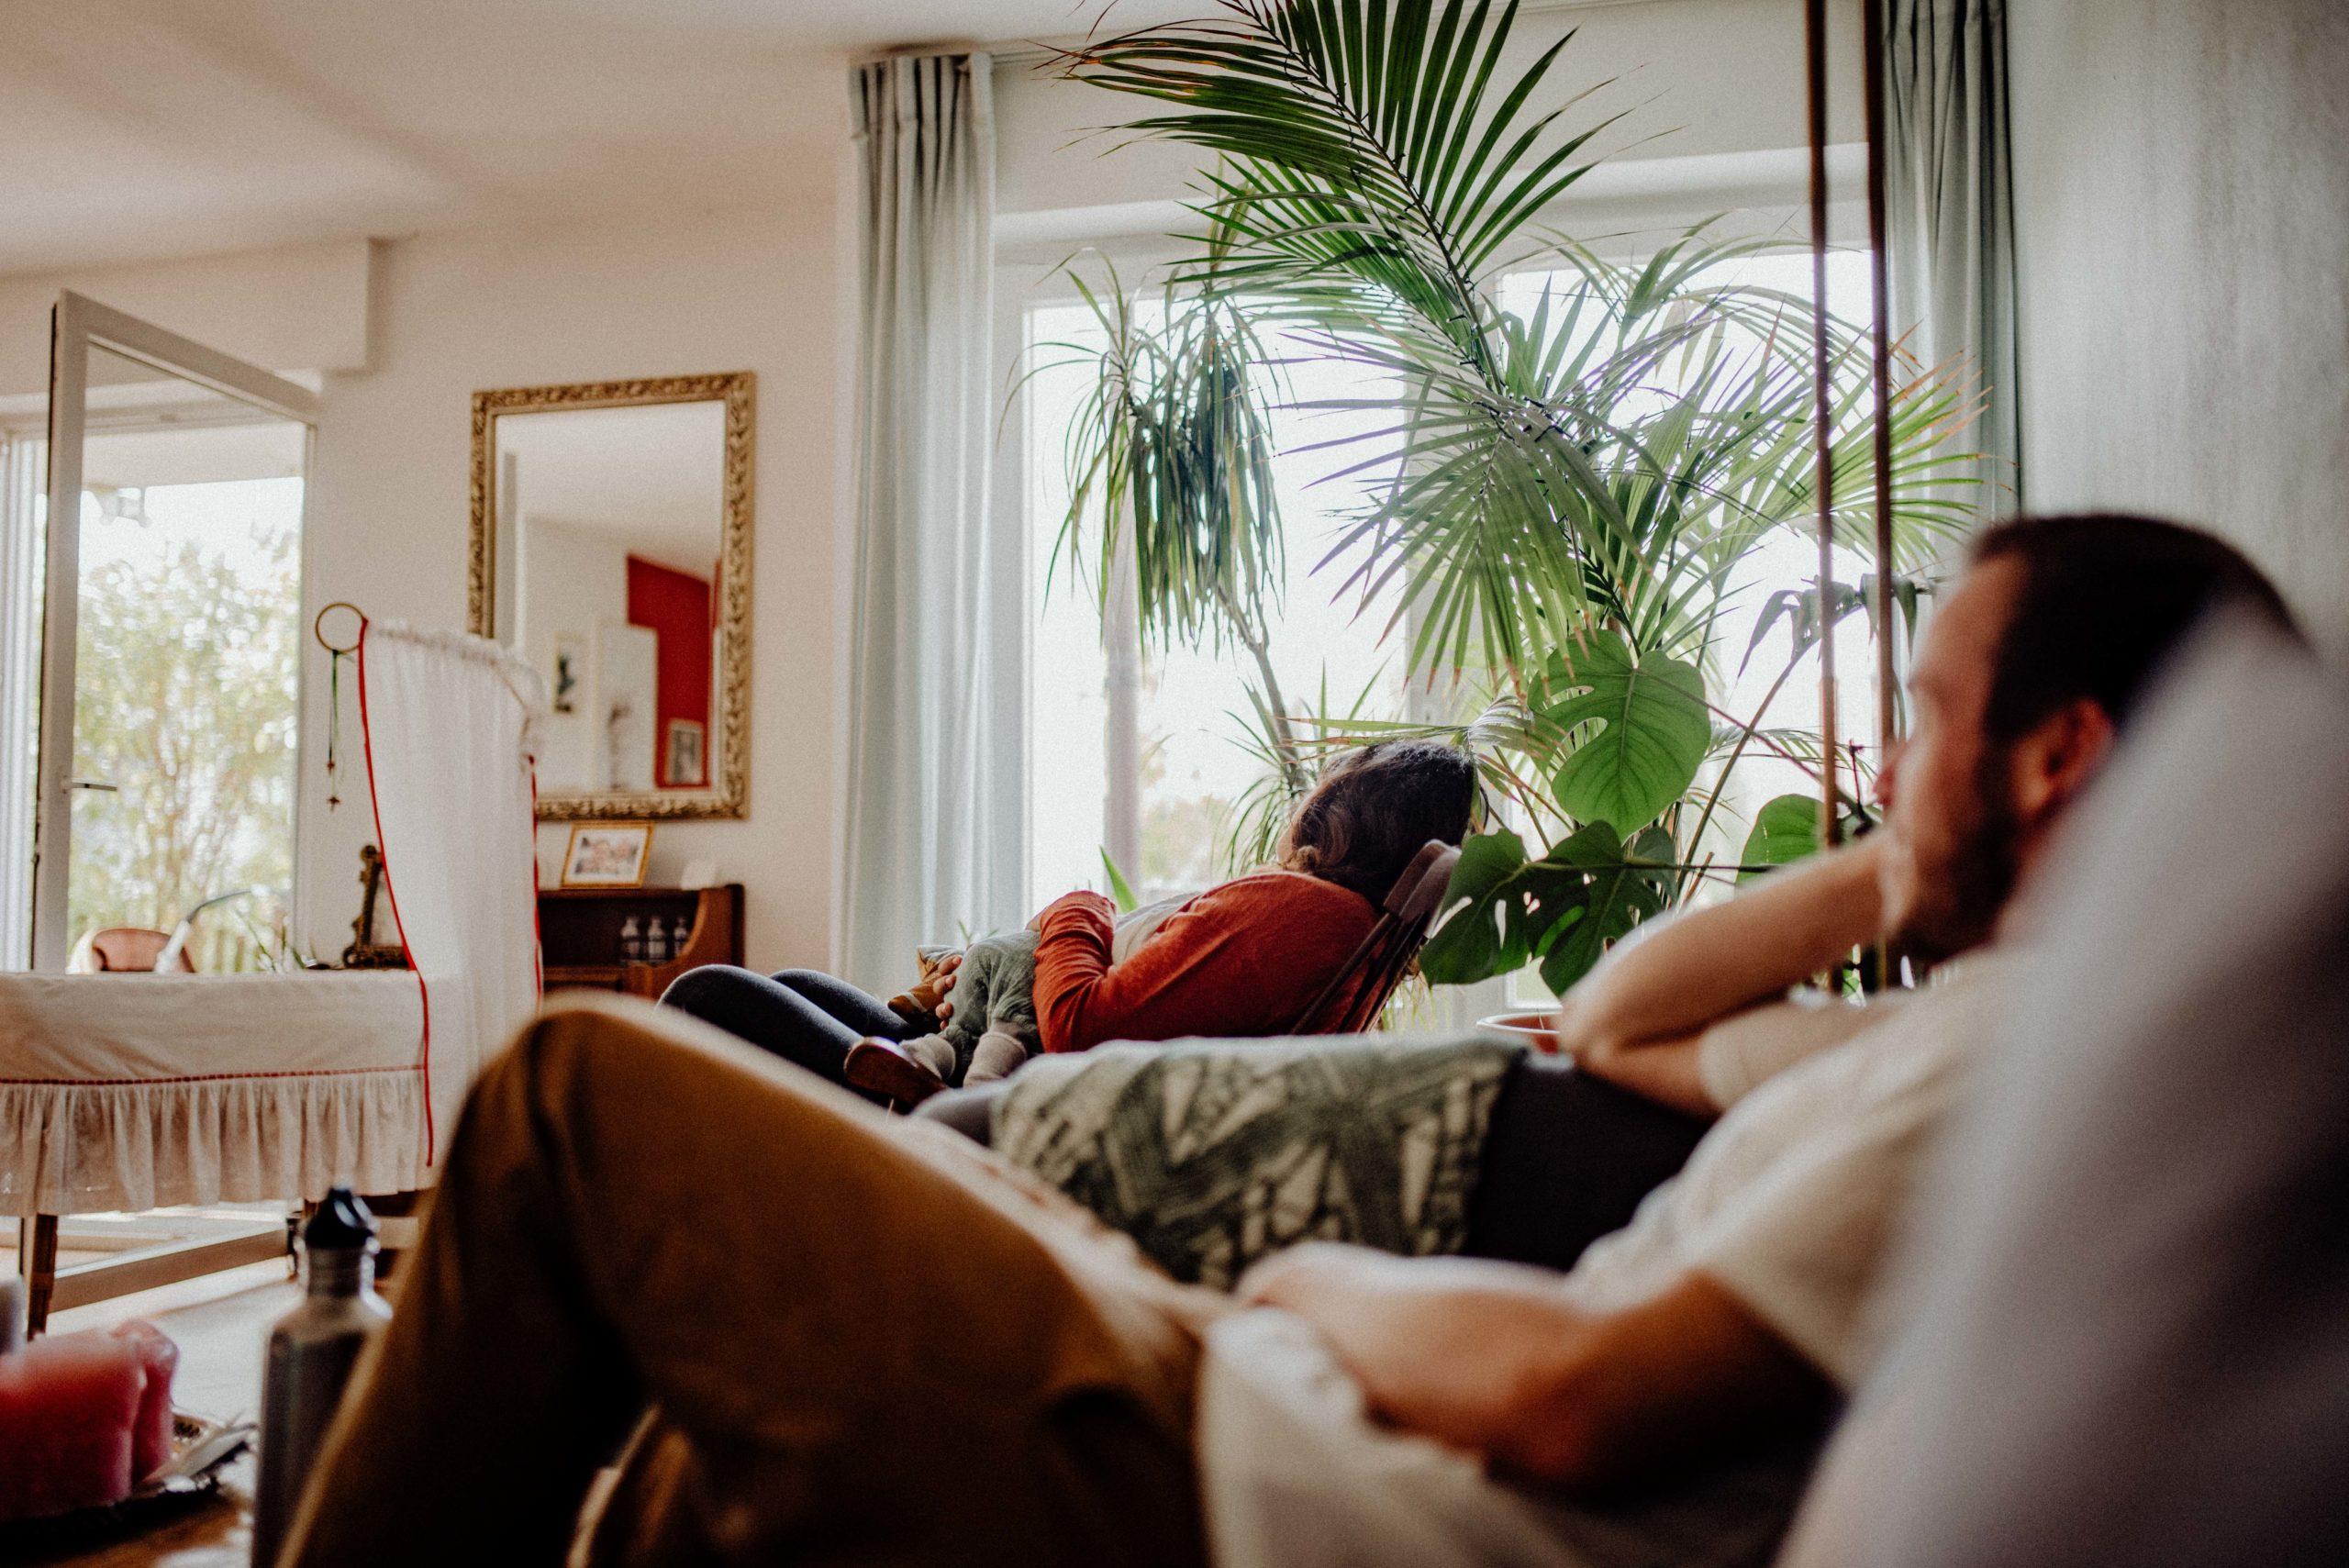 Eltern entspannen während das Neugeborene gestillt wird.